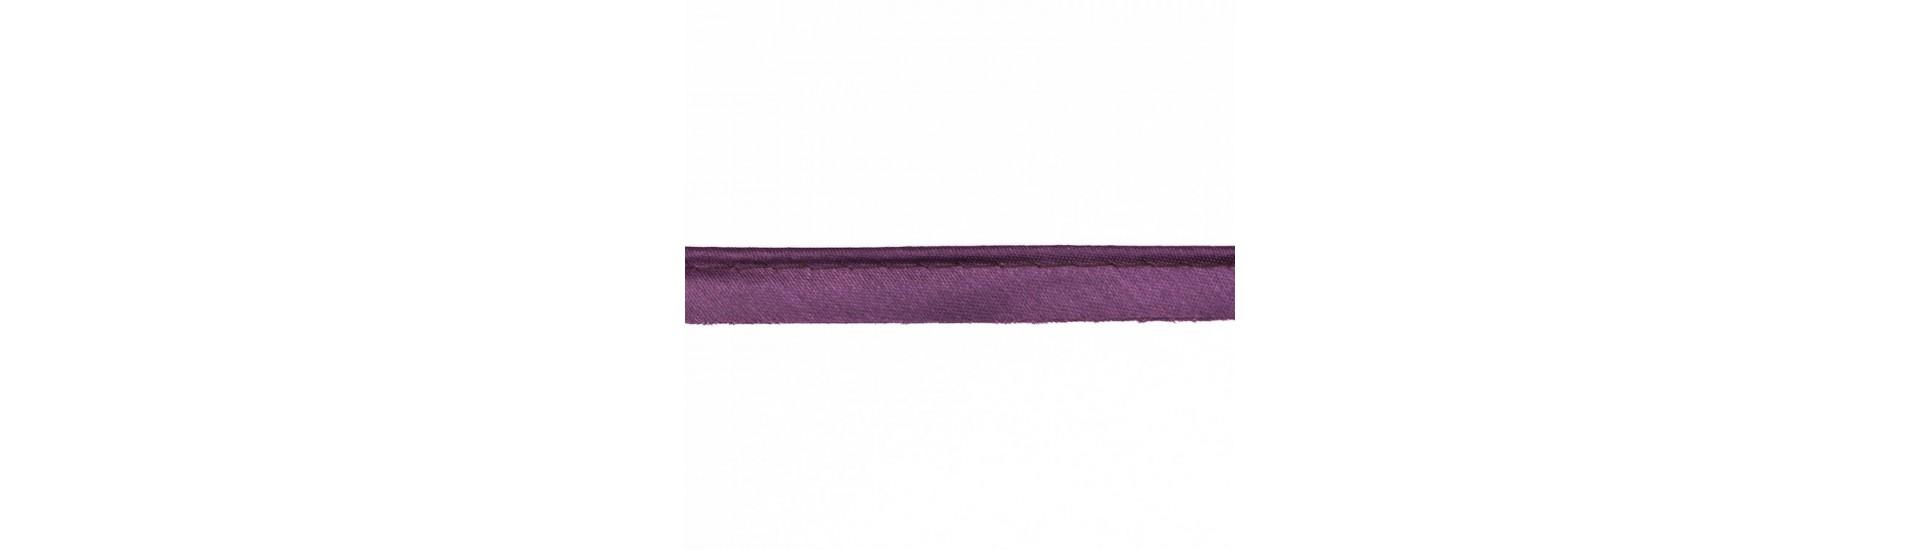 Кант атласный 1037UN темно-фиолетовый (66 м)